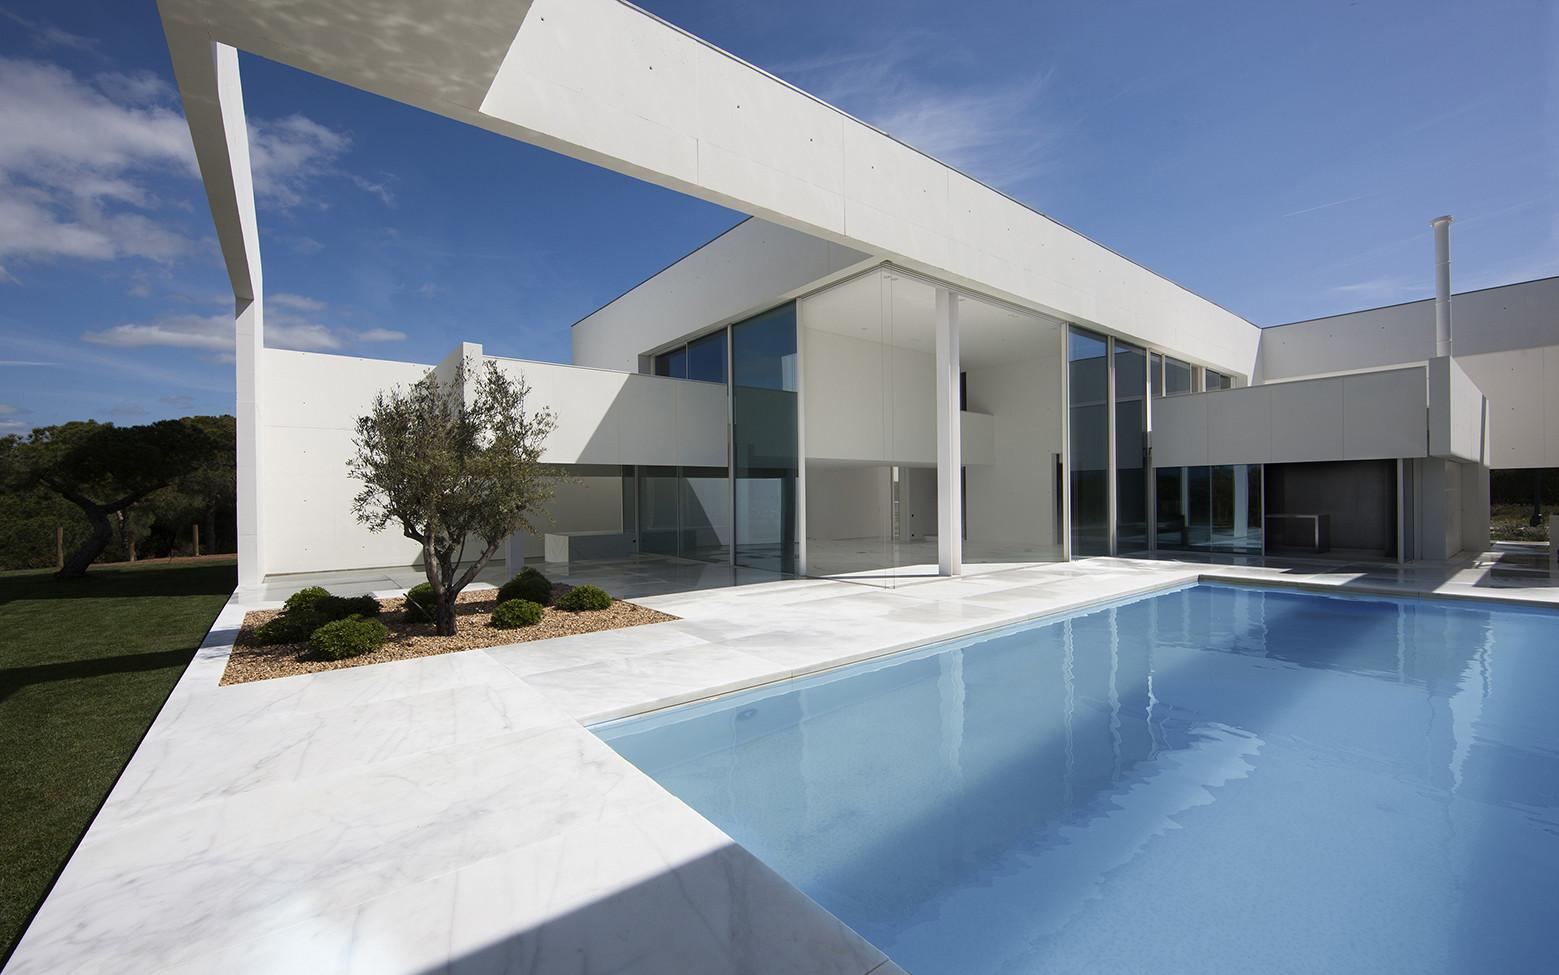 House in quinta do lago topos atelier de arquitectura - Atelier arquitectura ...